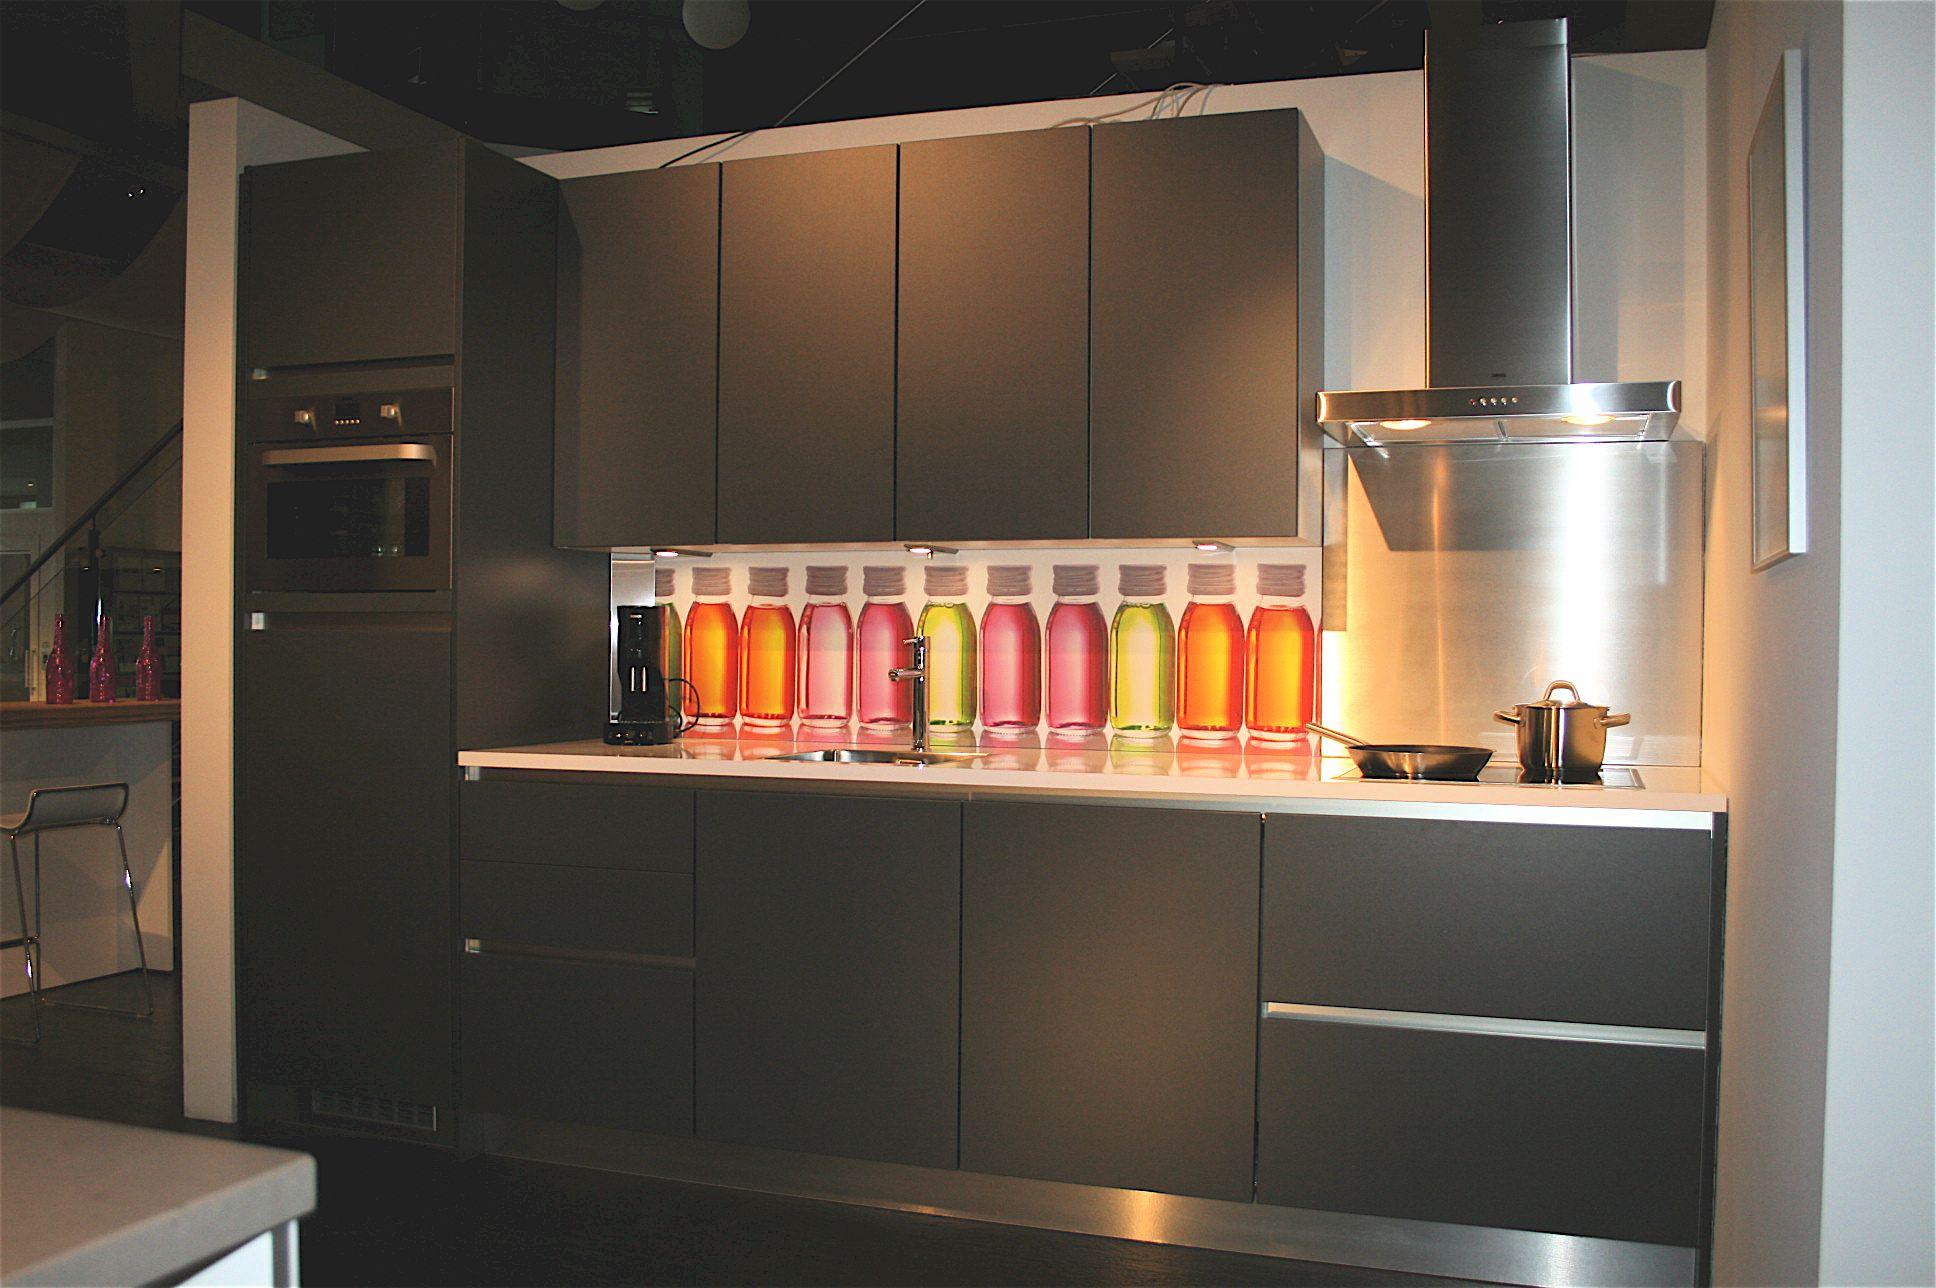 Idee keuken rechte - Idee deco keuken wit ...